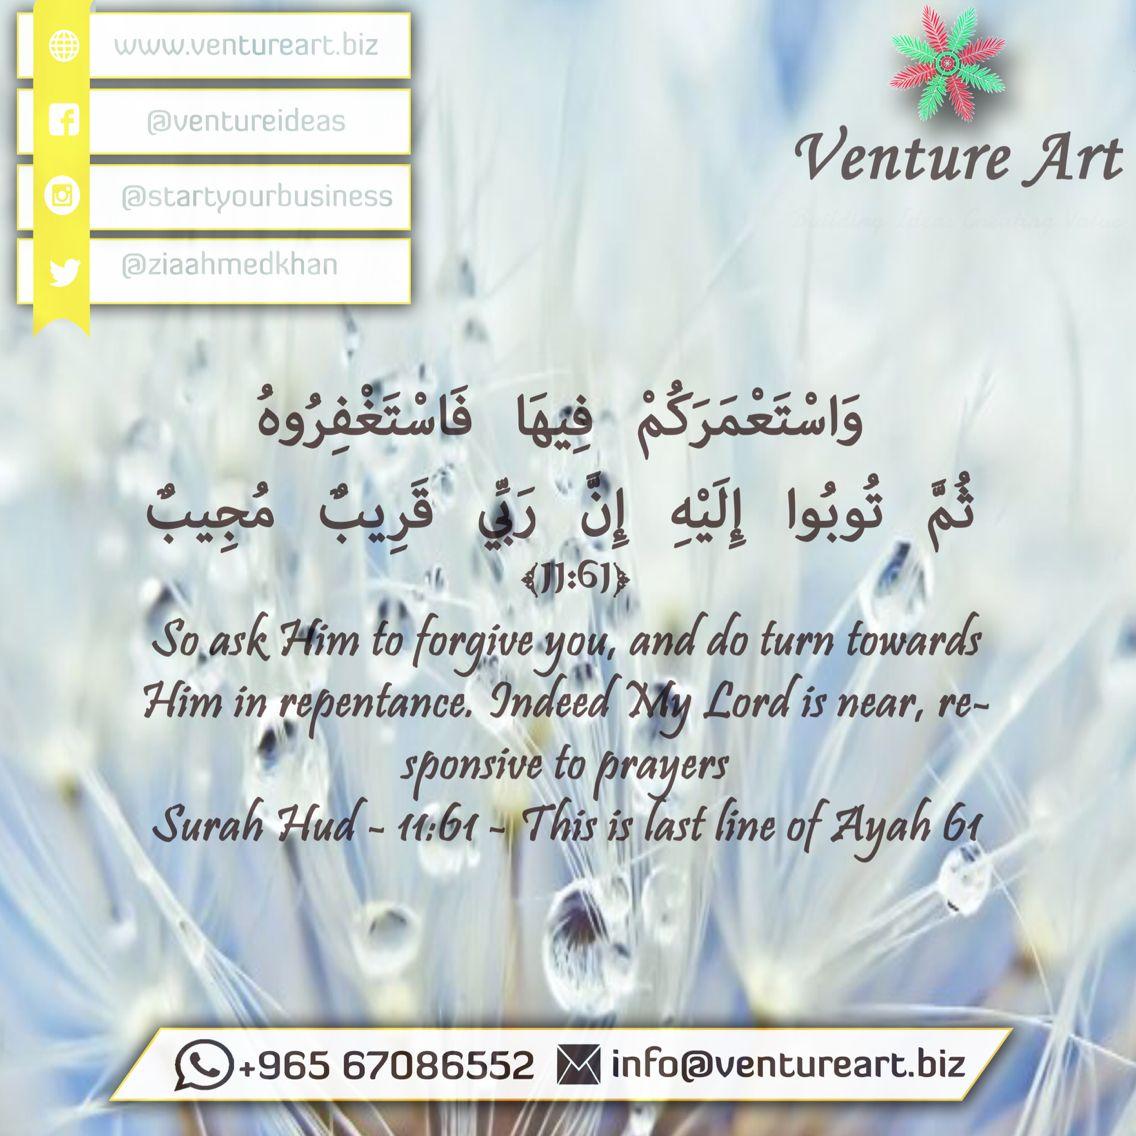 Jumma mubarak! #Jumma #Mubarak #Allah #is #one #remember #us